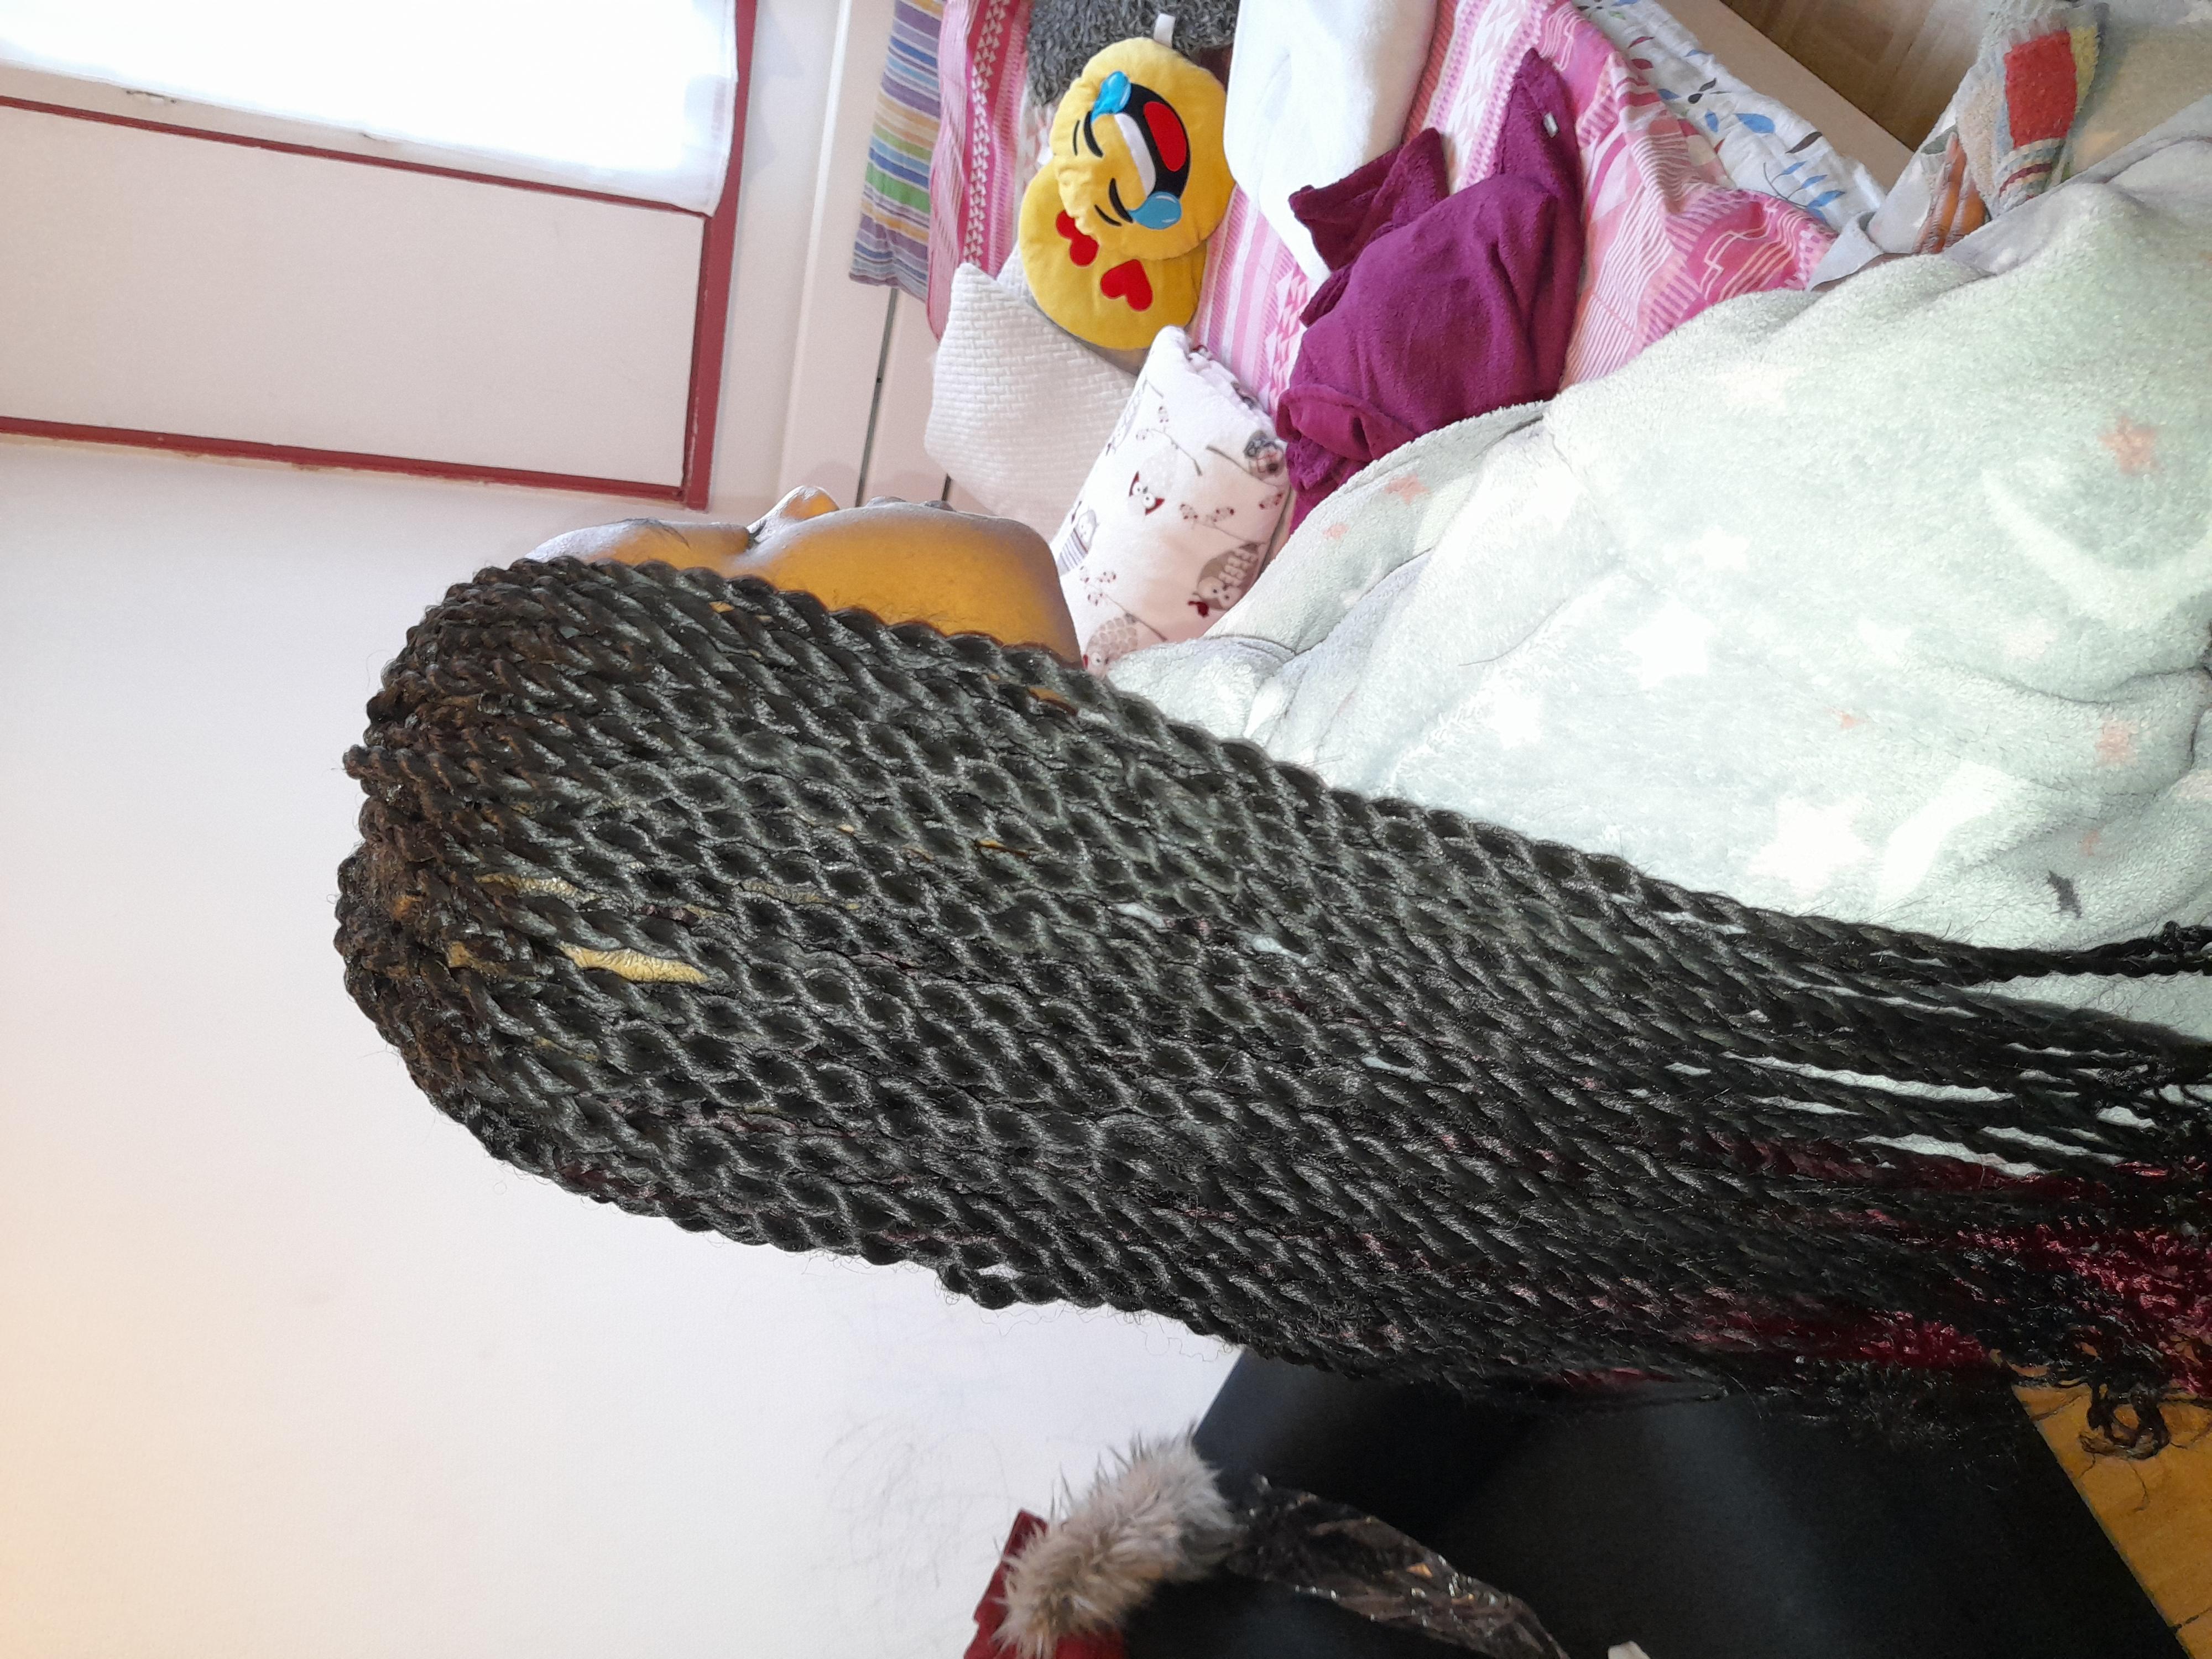 salon de coiffure afro tresse tresses box braids crochet braids vanilles tissages paris 75 77 78 91 92 93 94 95 PRIBCRLB